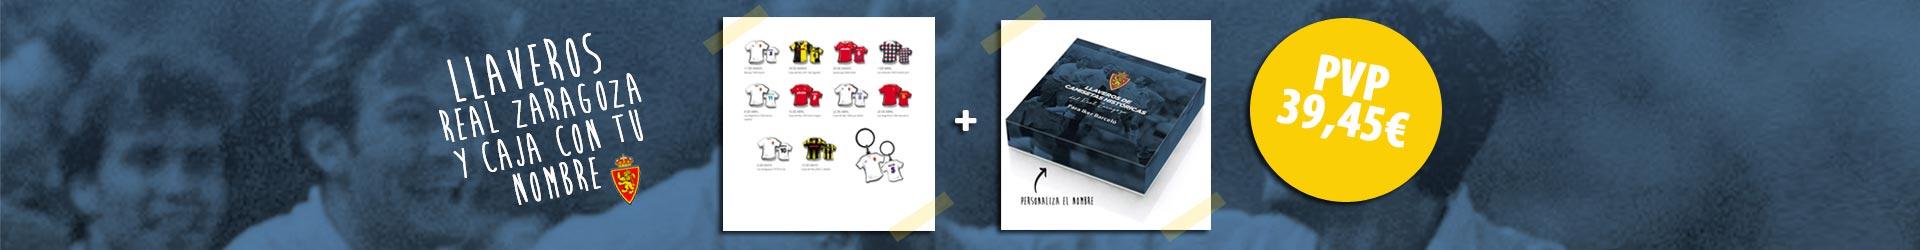 LLaveros camisetas históricas del Real Zaragoza